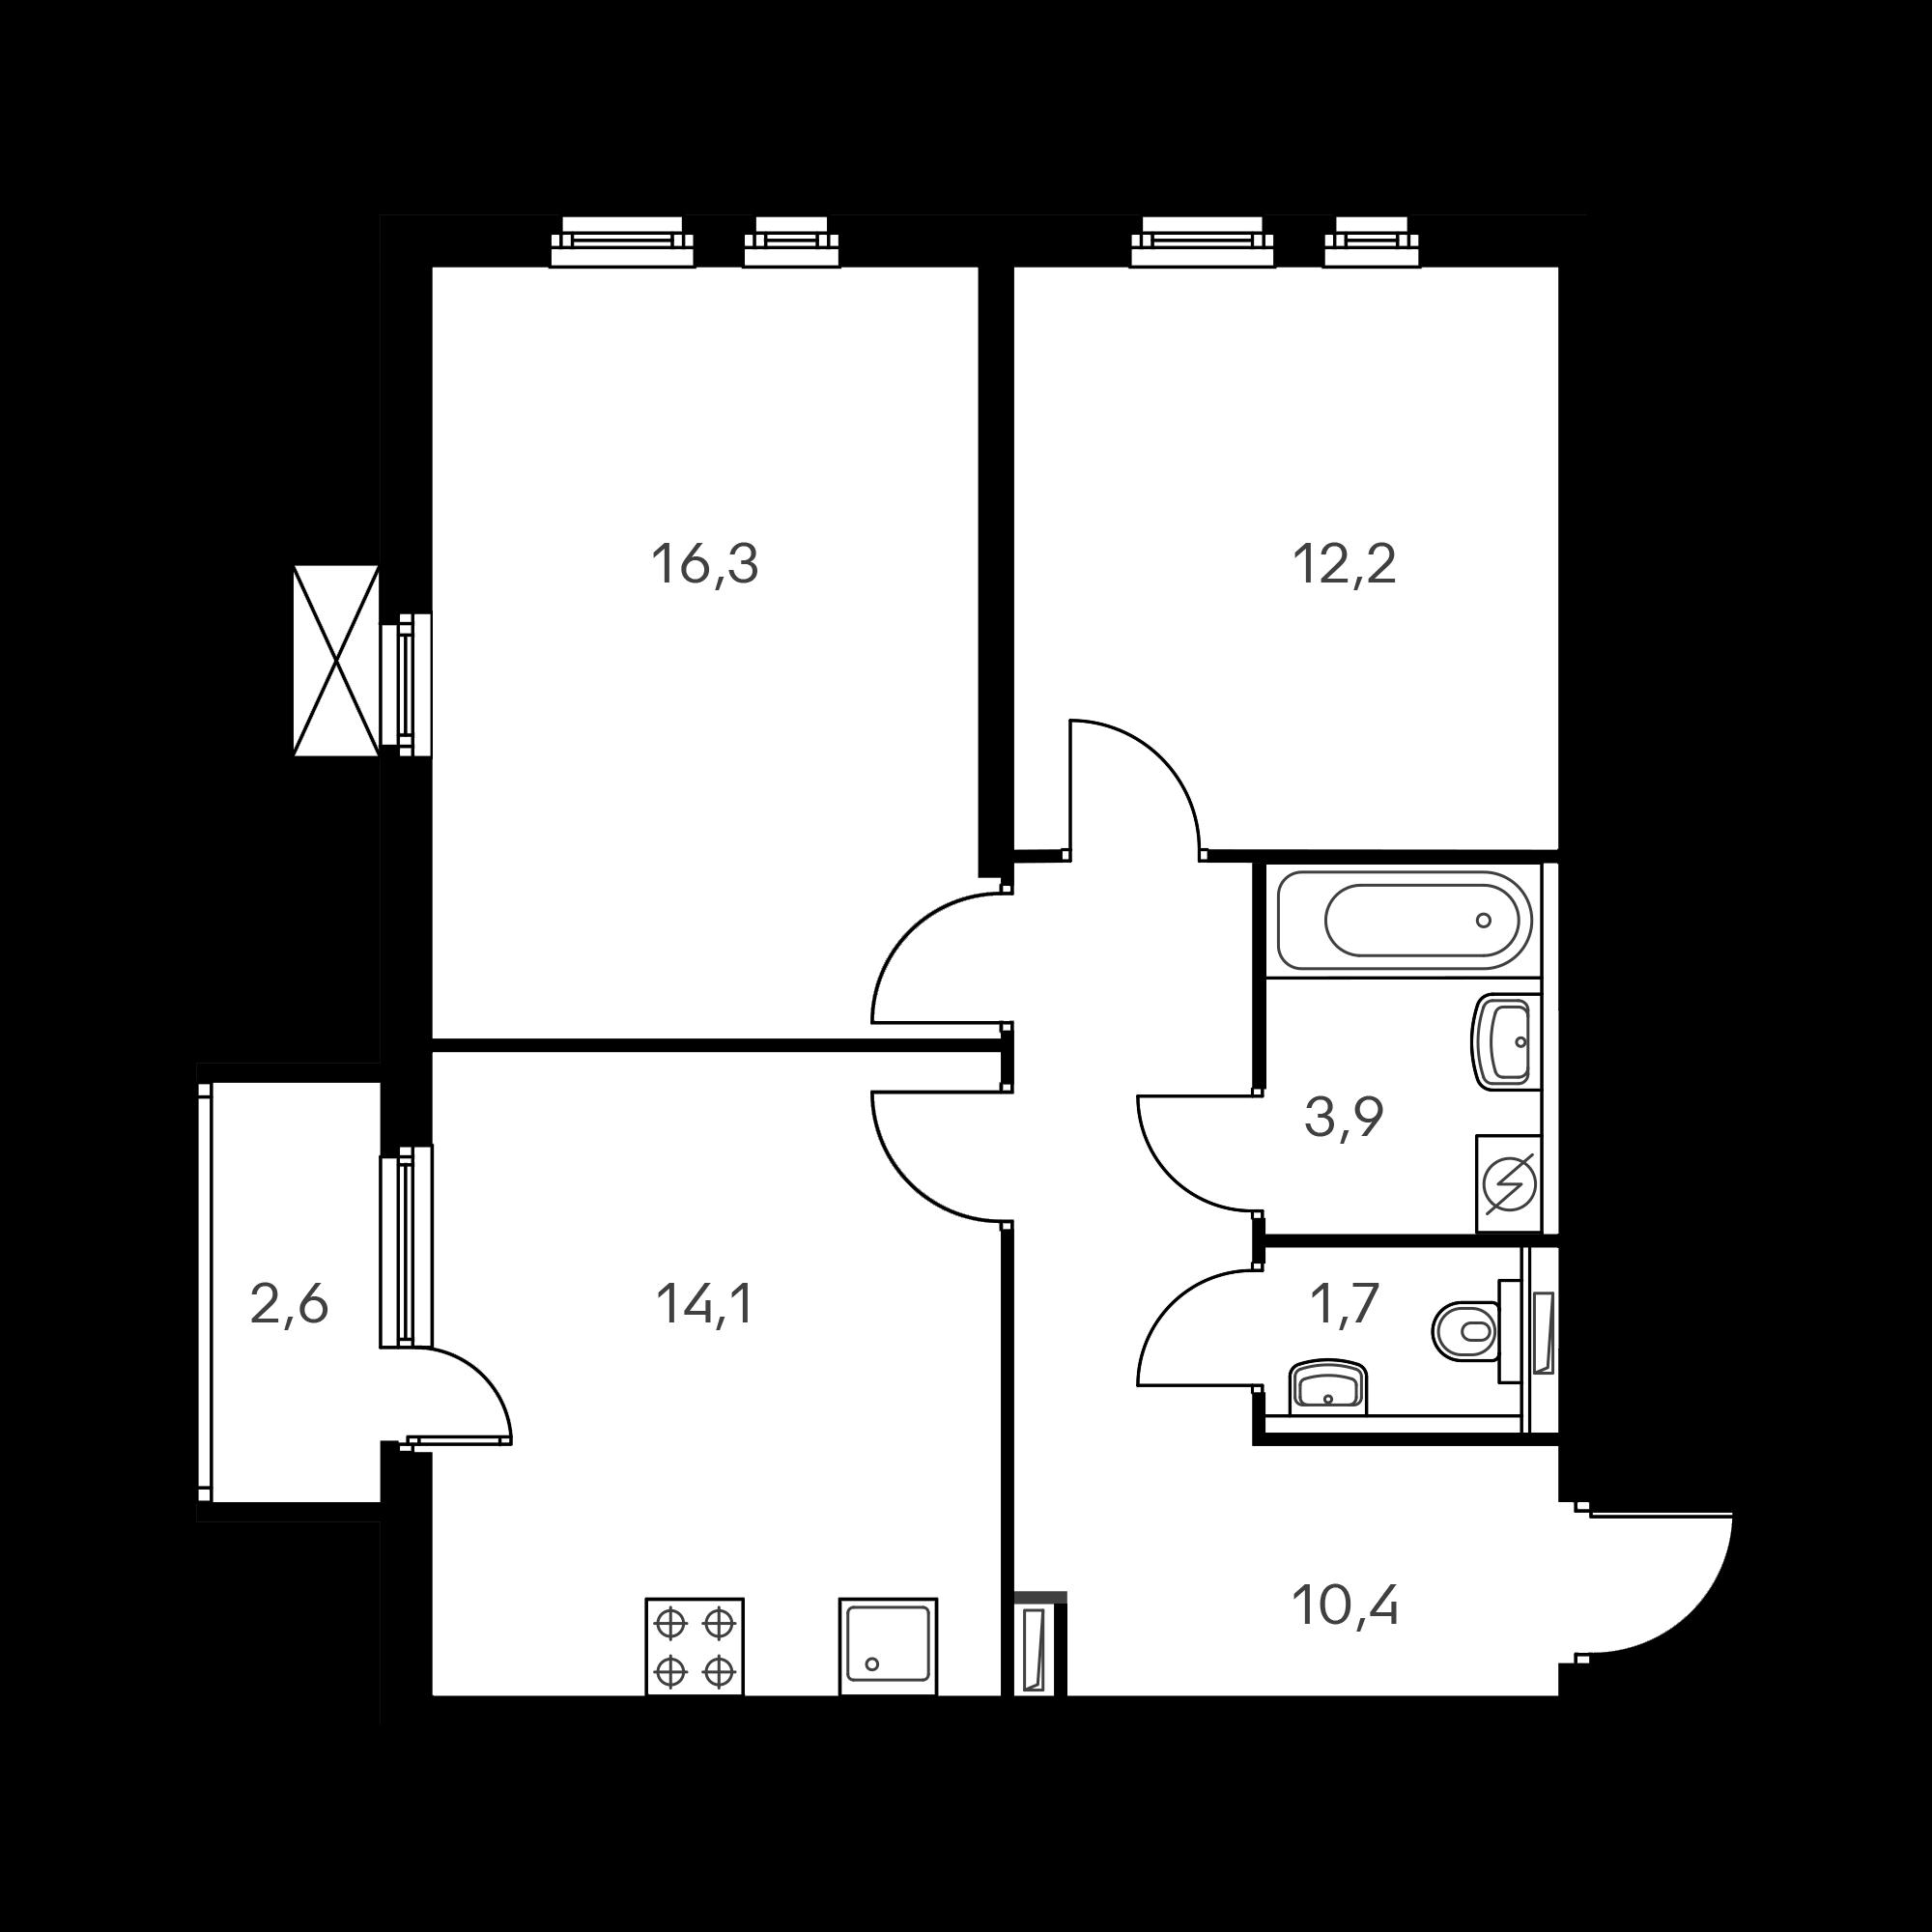 2KM1B_9.6-1SA2